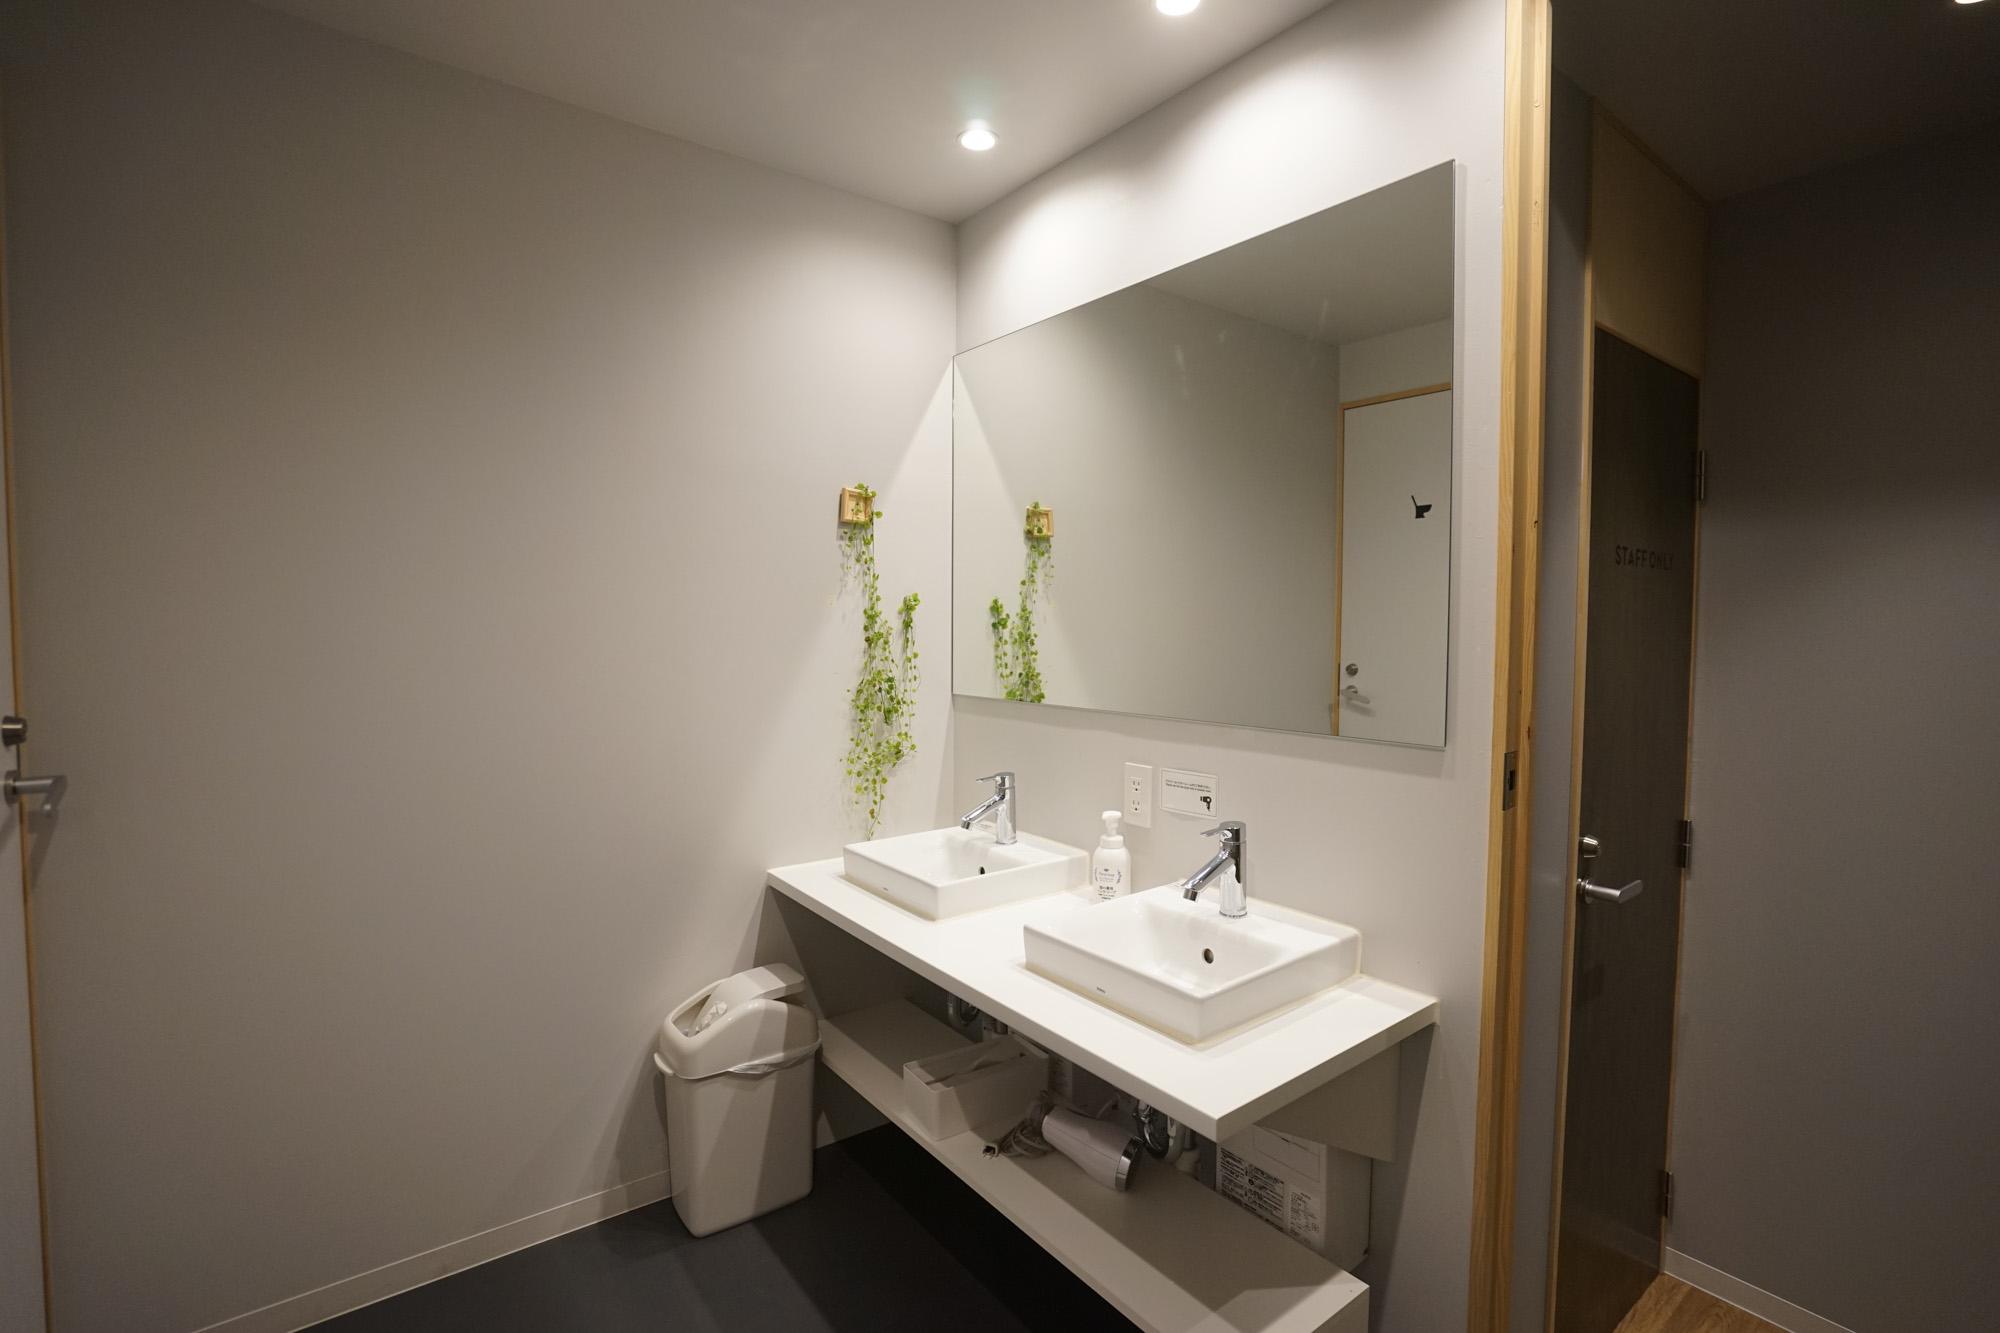 洗面台は2つ。いつも綺麗に保たれている雰囲気で、嬉しいです。